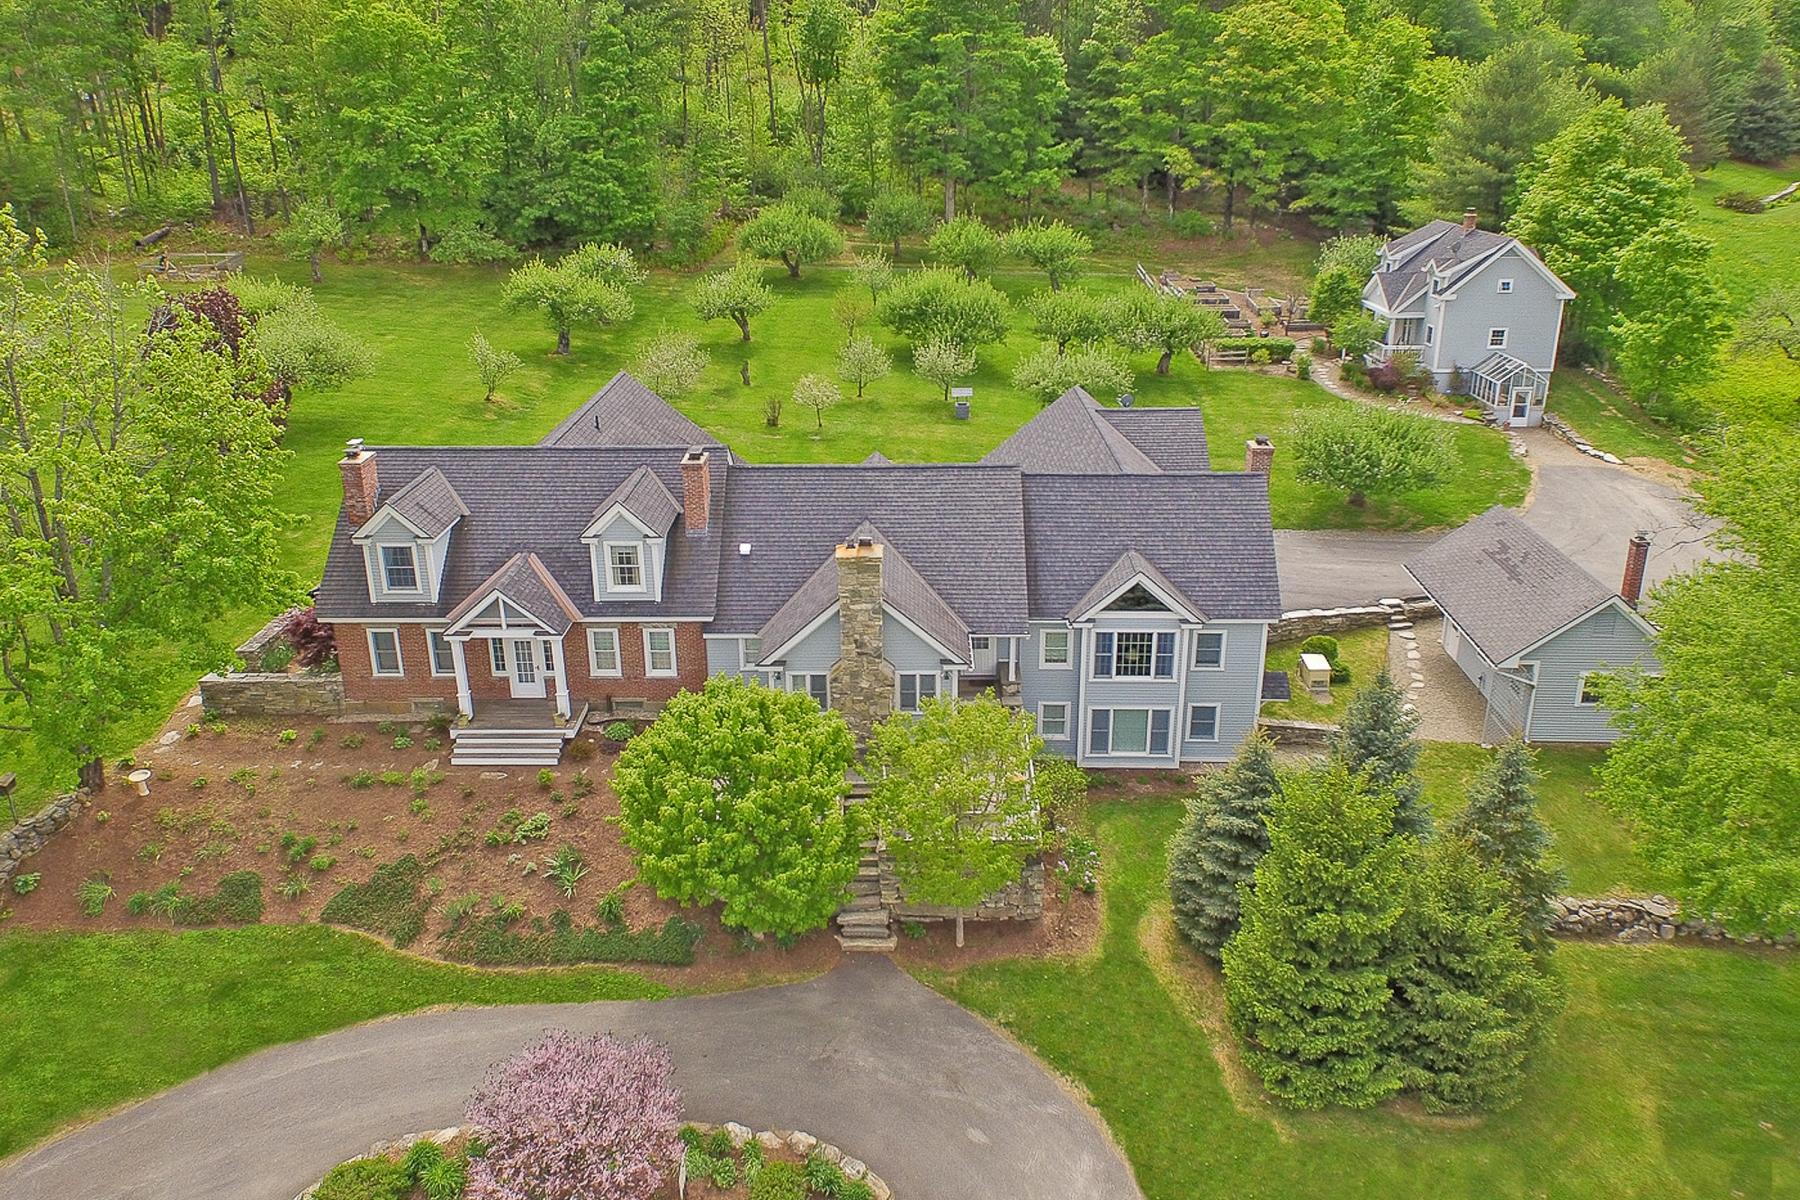 단독 가정 주택 용 매매 에 Gracious Country Living 1009 Middletown Rd Grafton, 베르몬트 05146 미국